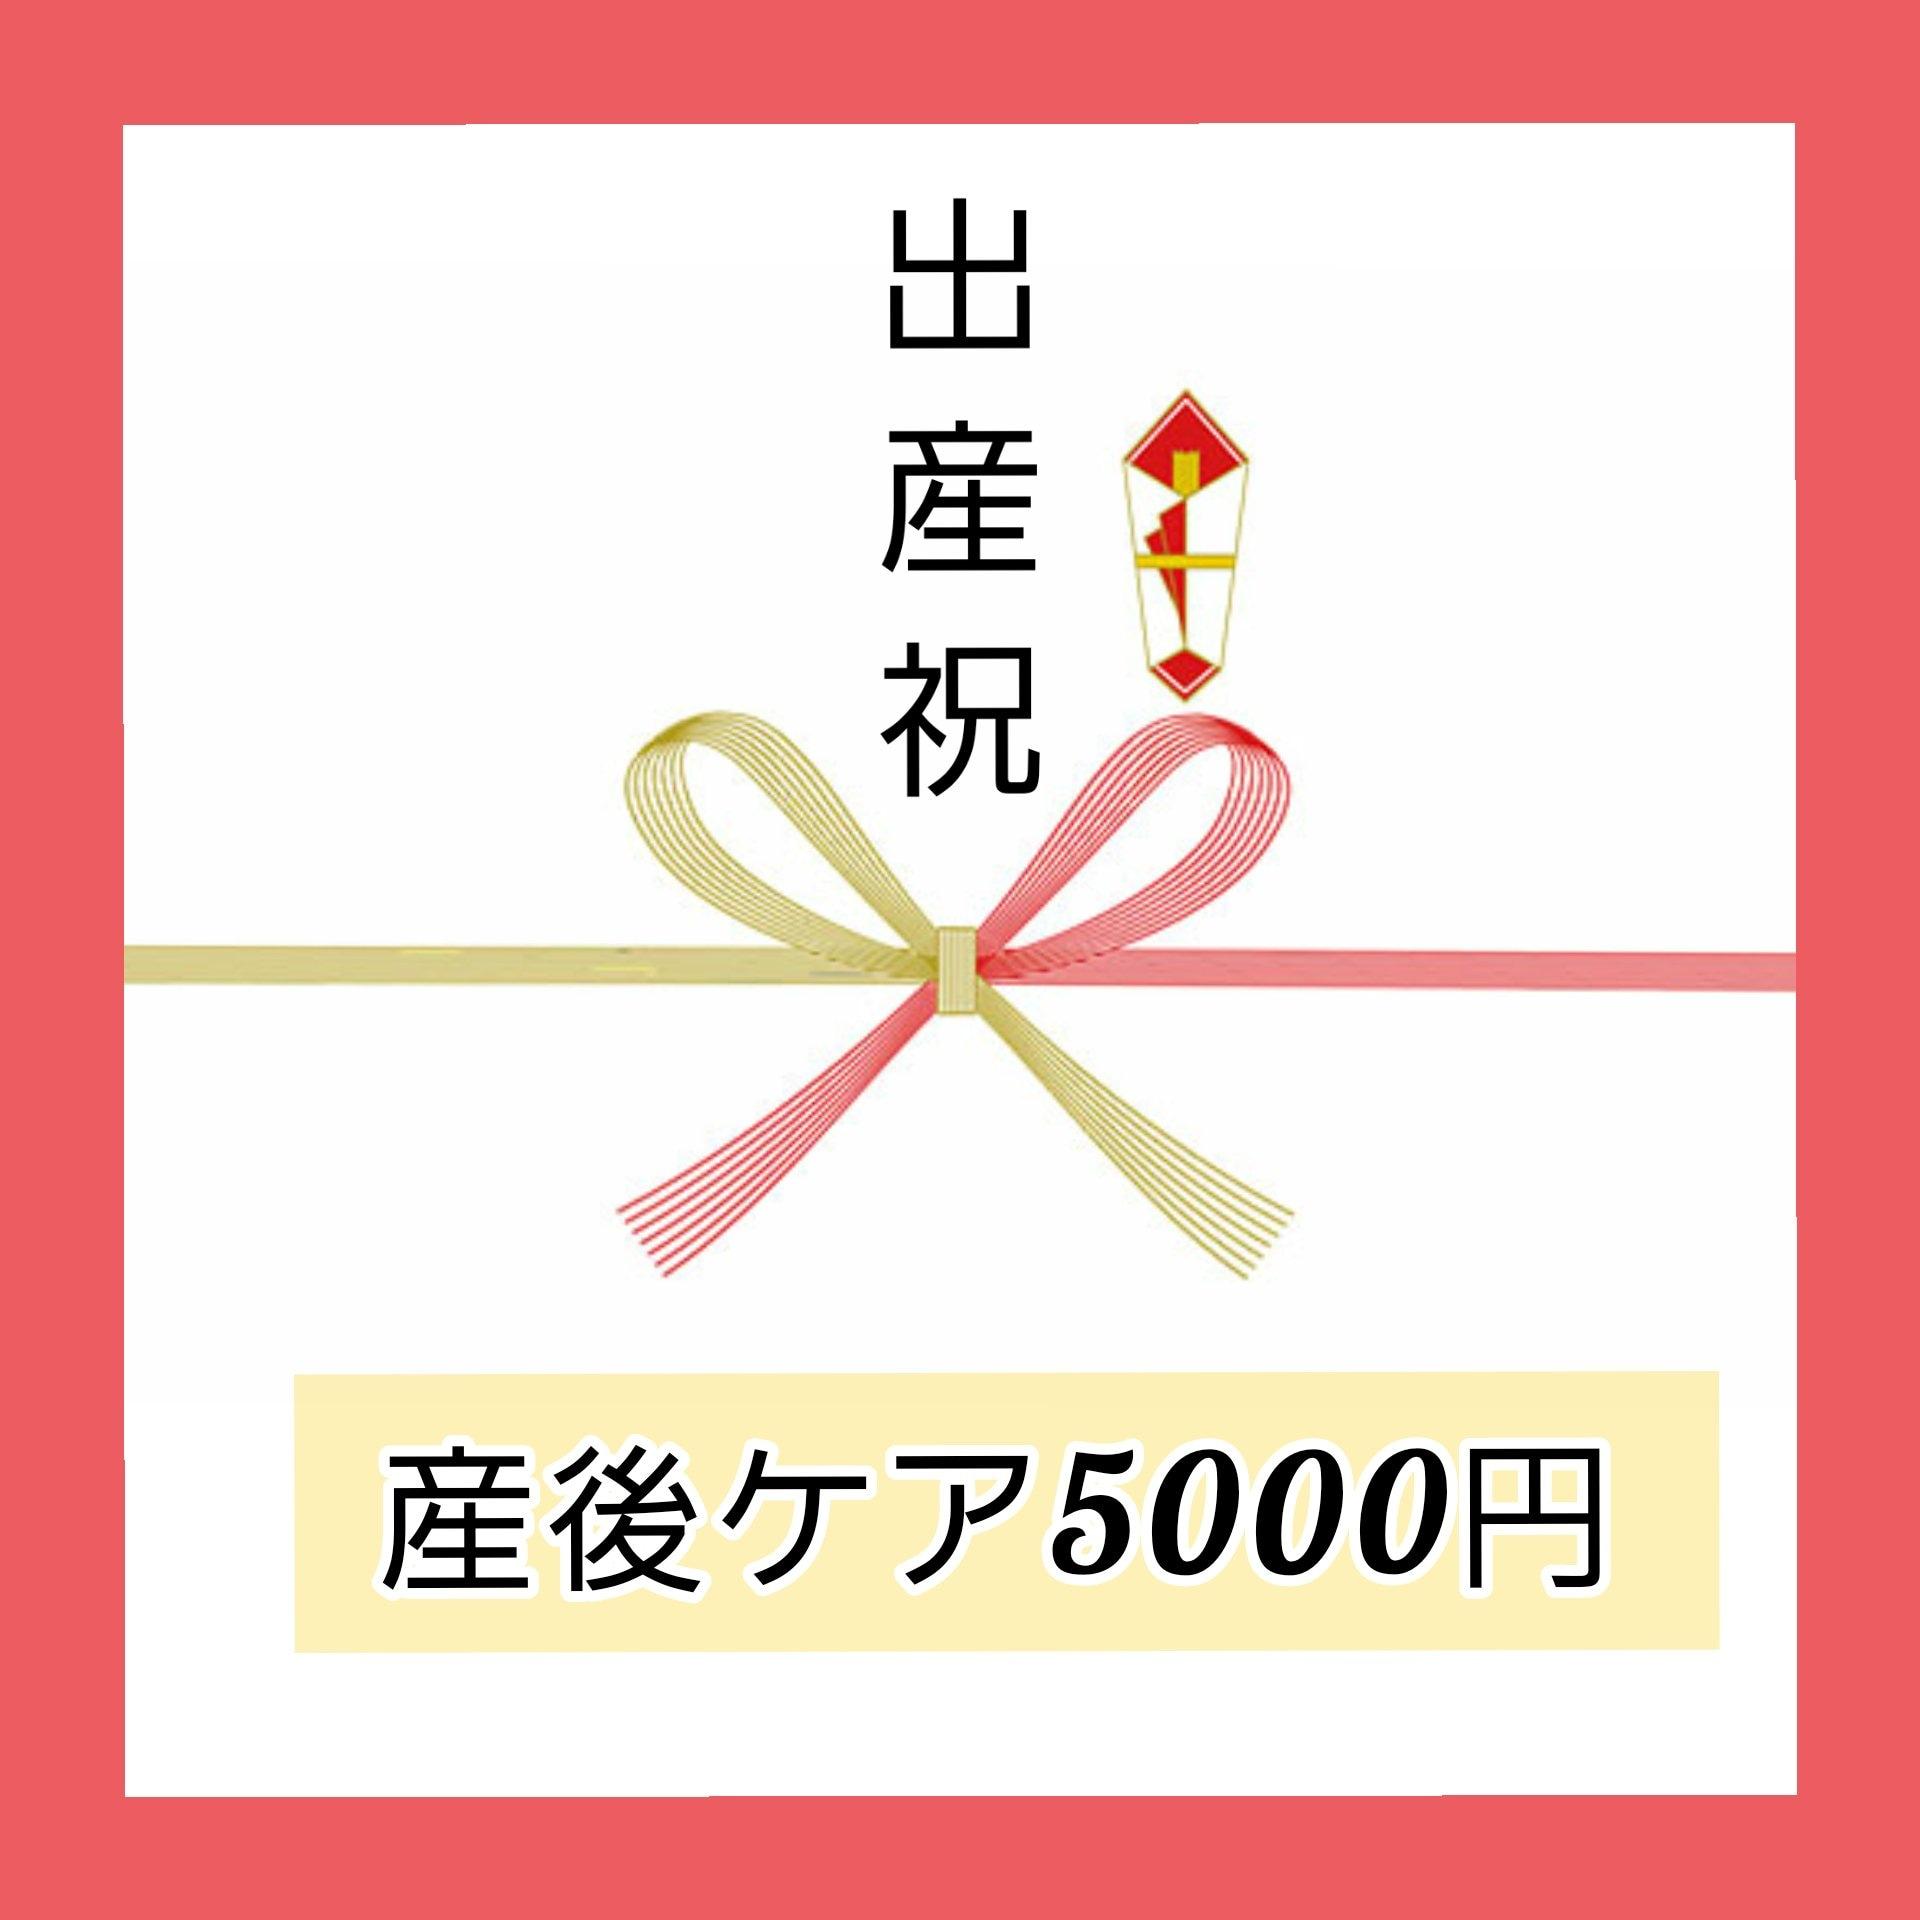 出産祝いチケット【5,000円分】のイメージその1